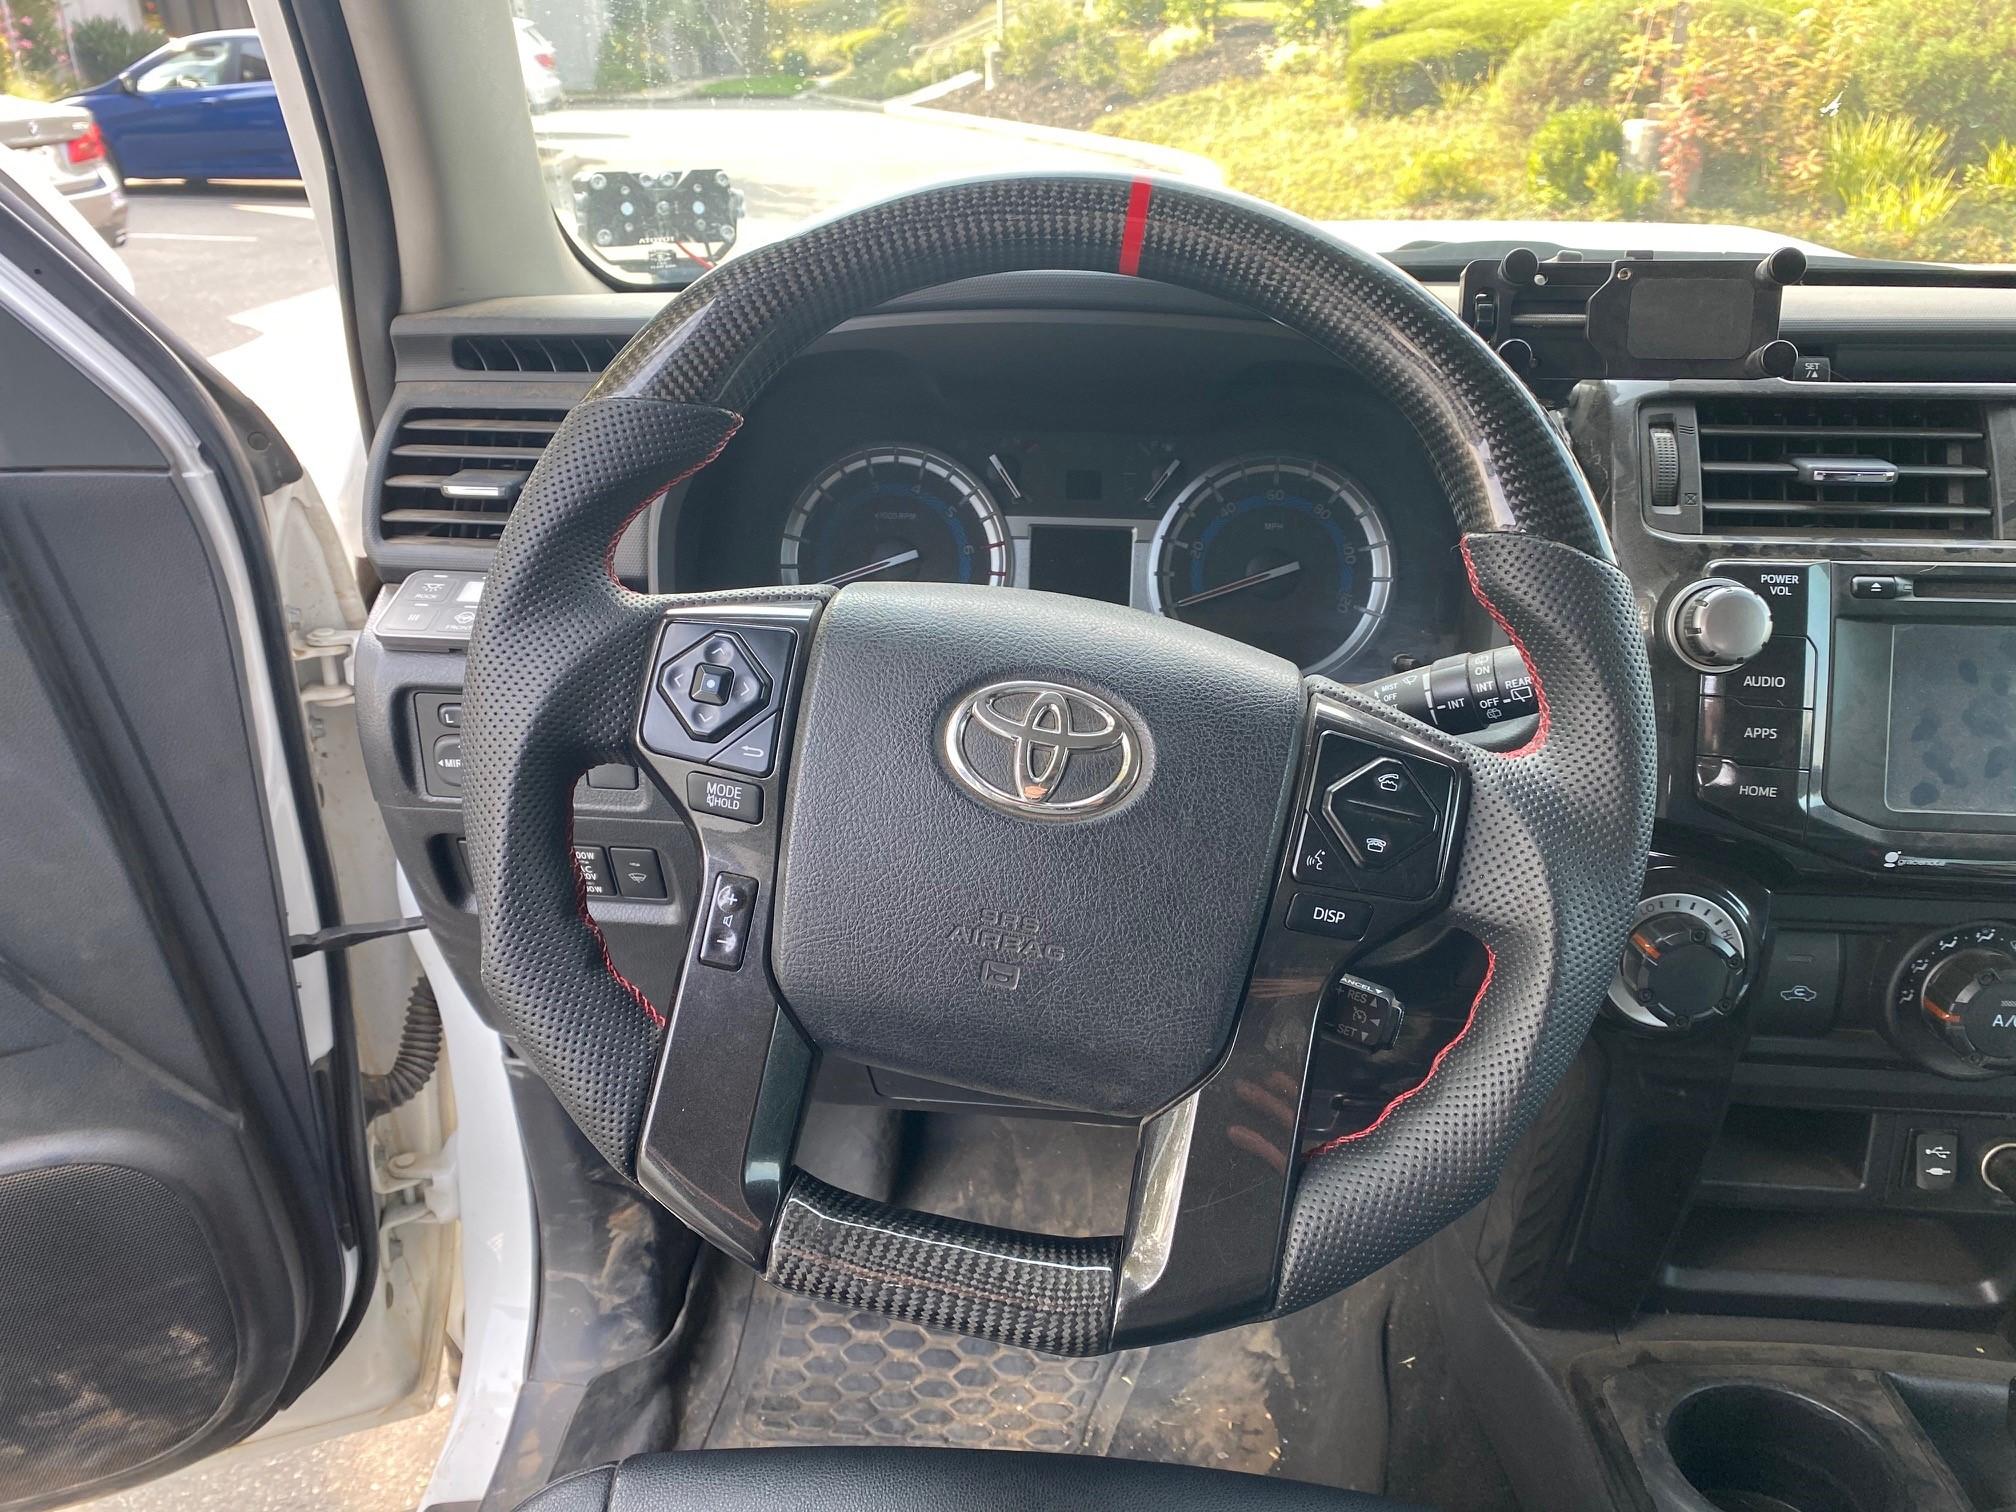 CarTrimHome_Steering_Wheel_Toyota_01.jpg